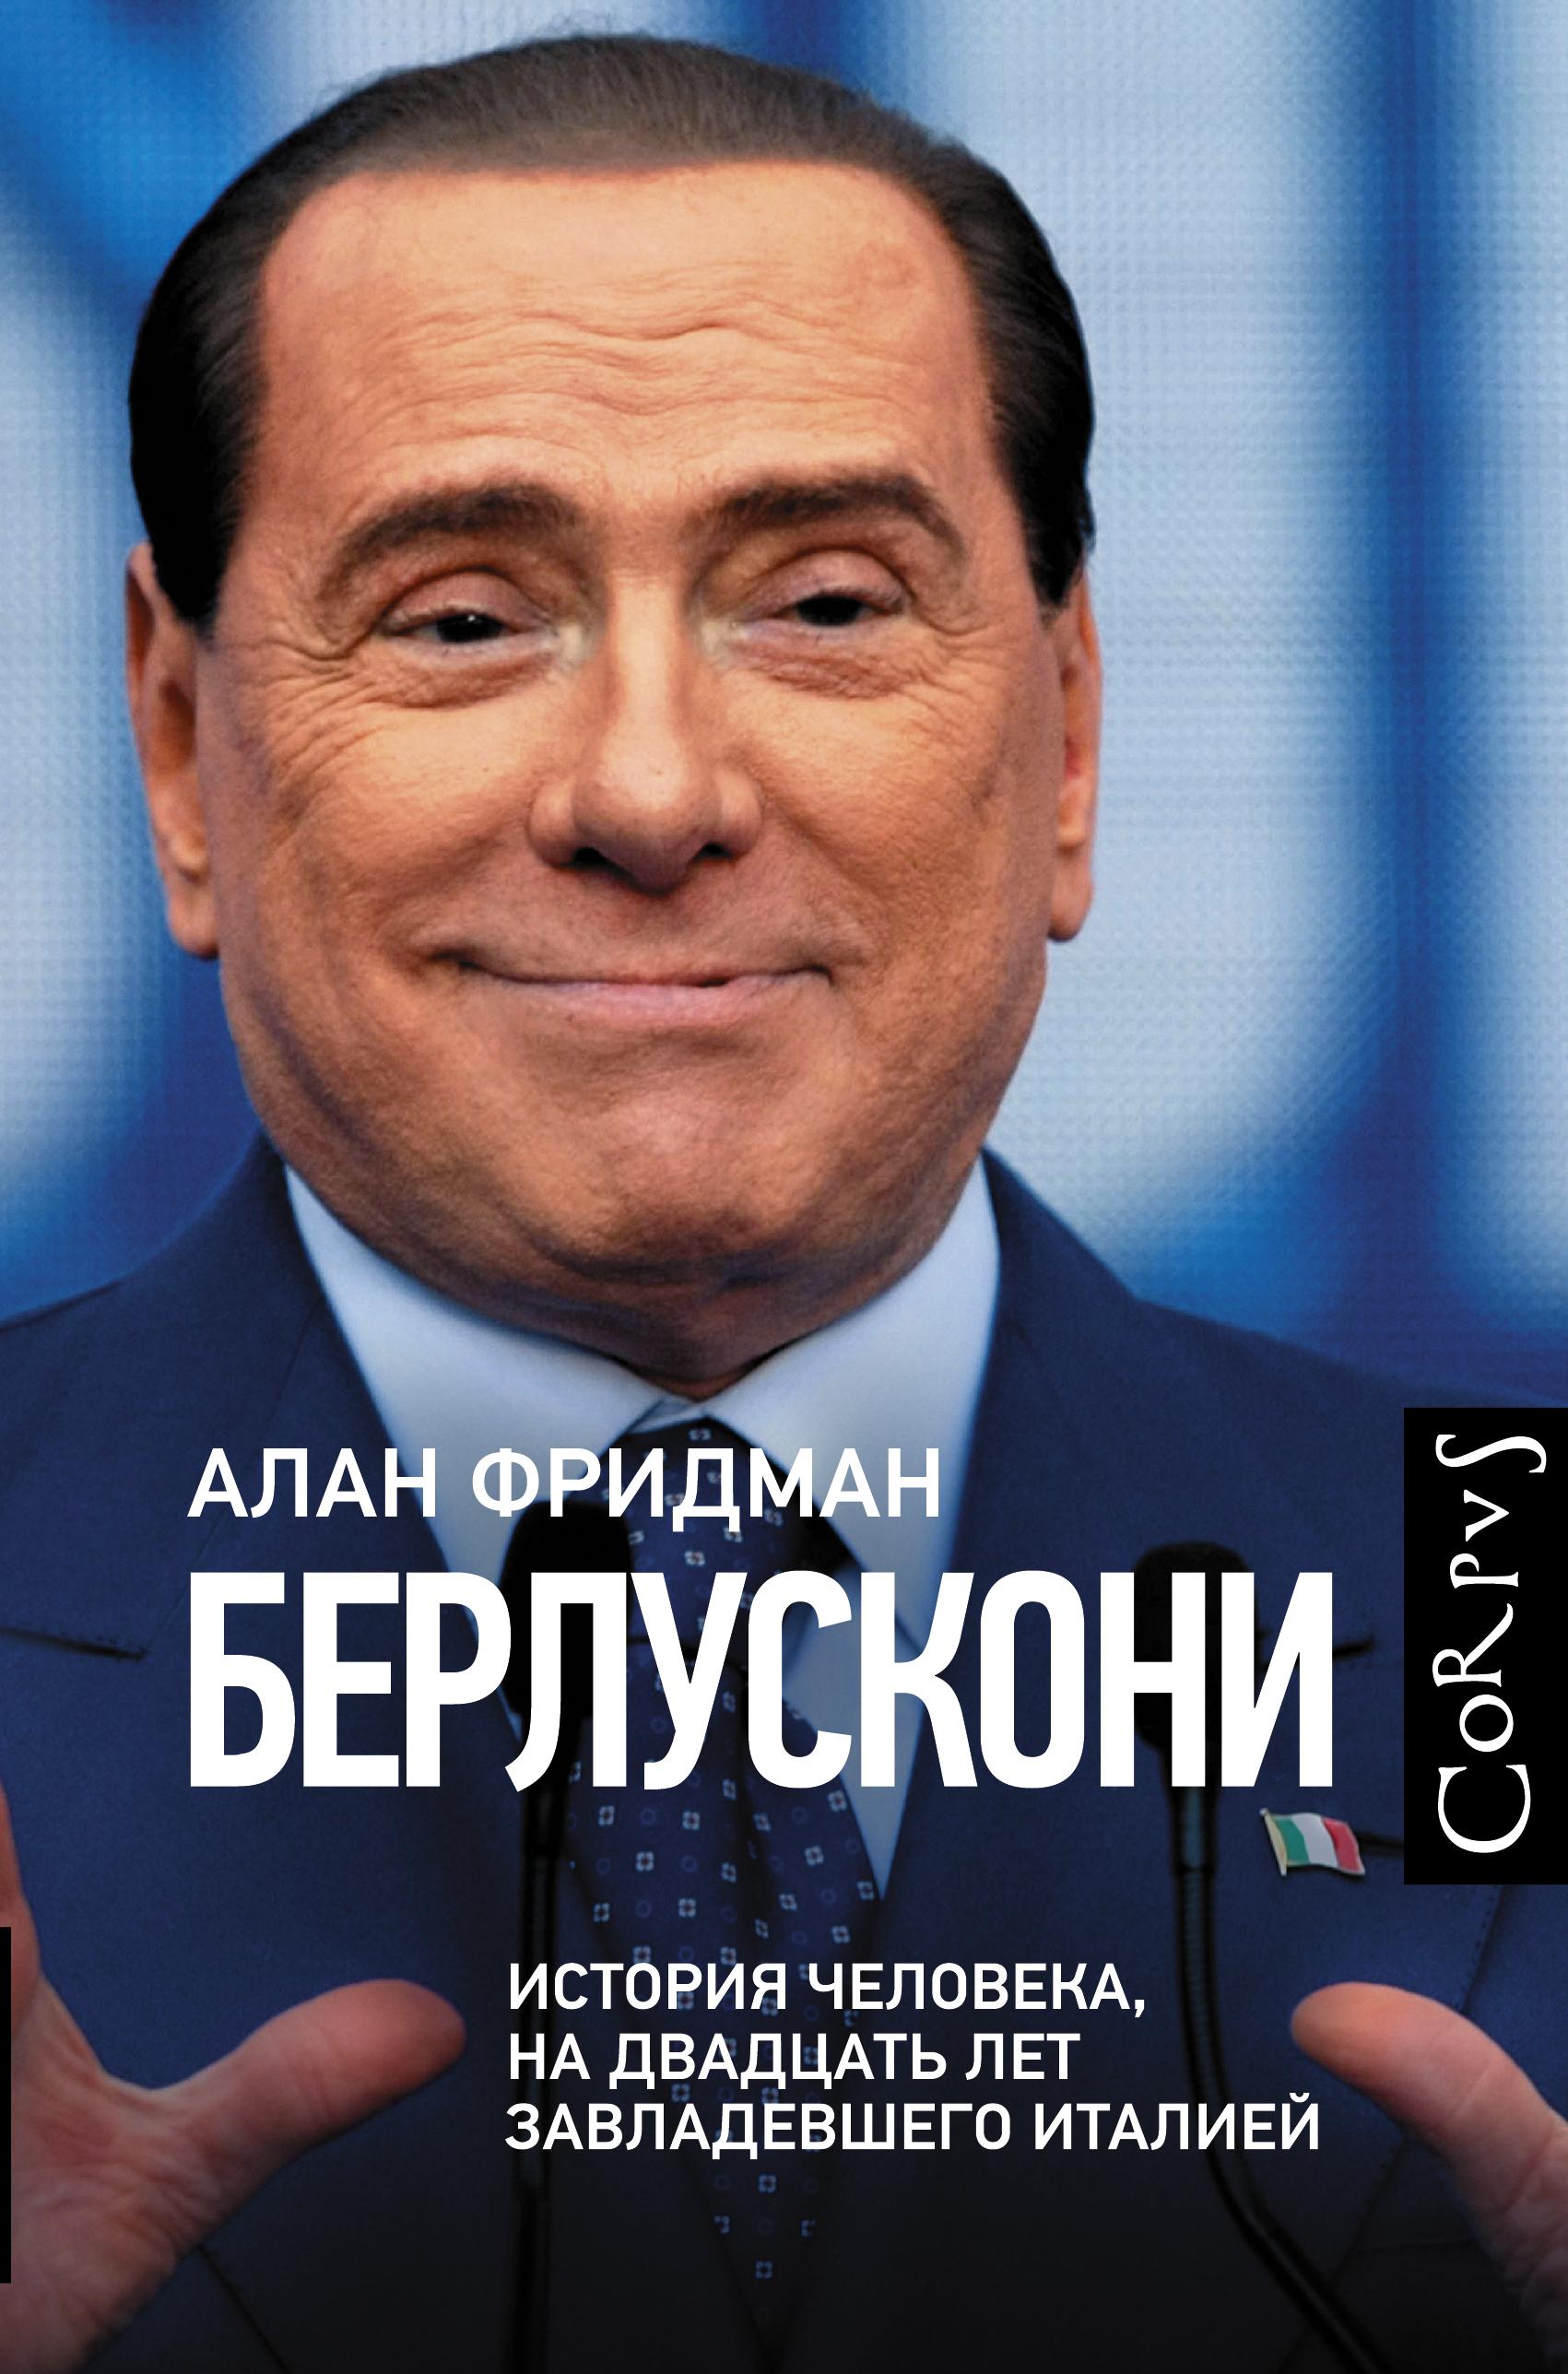 Алан Фридман «Берлускони. История человека, на двадцать лет завладевшего Италией»